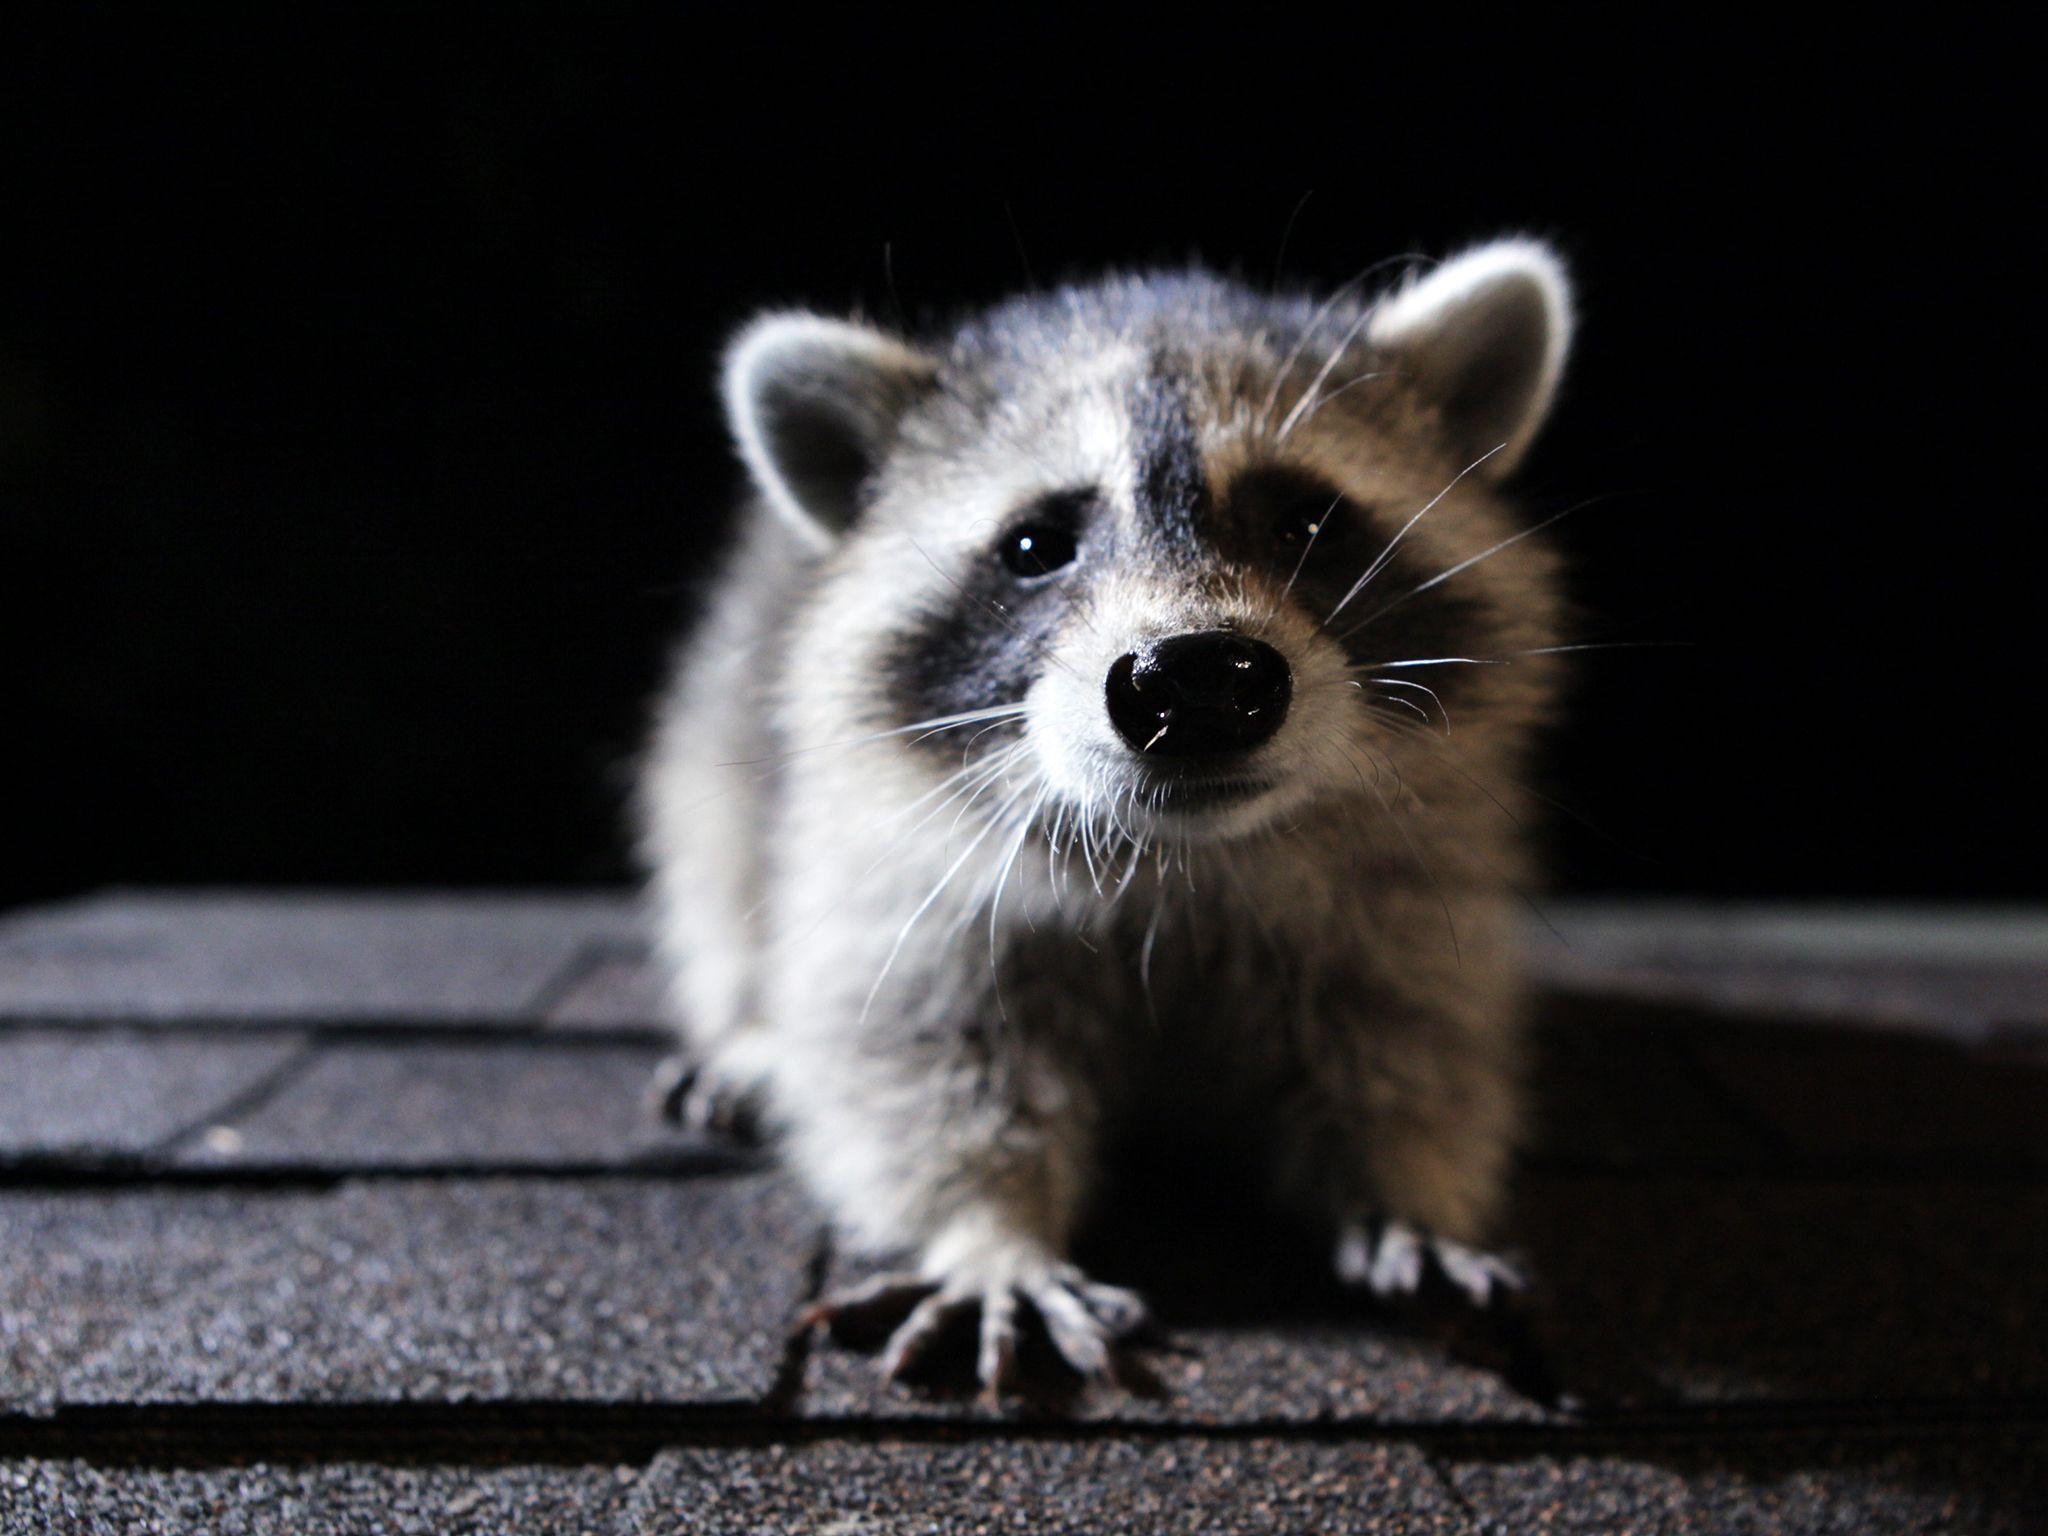 واشنطن العاصمة: أحد حيوانات الراكون على سطح المنزل... [Photo of the day - يناير 2015]